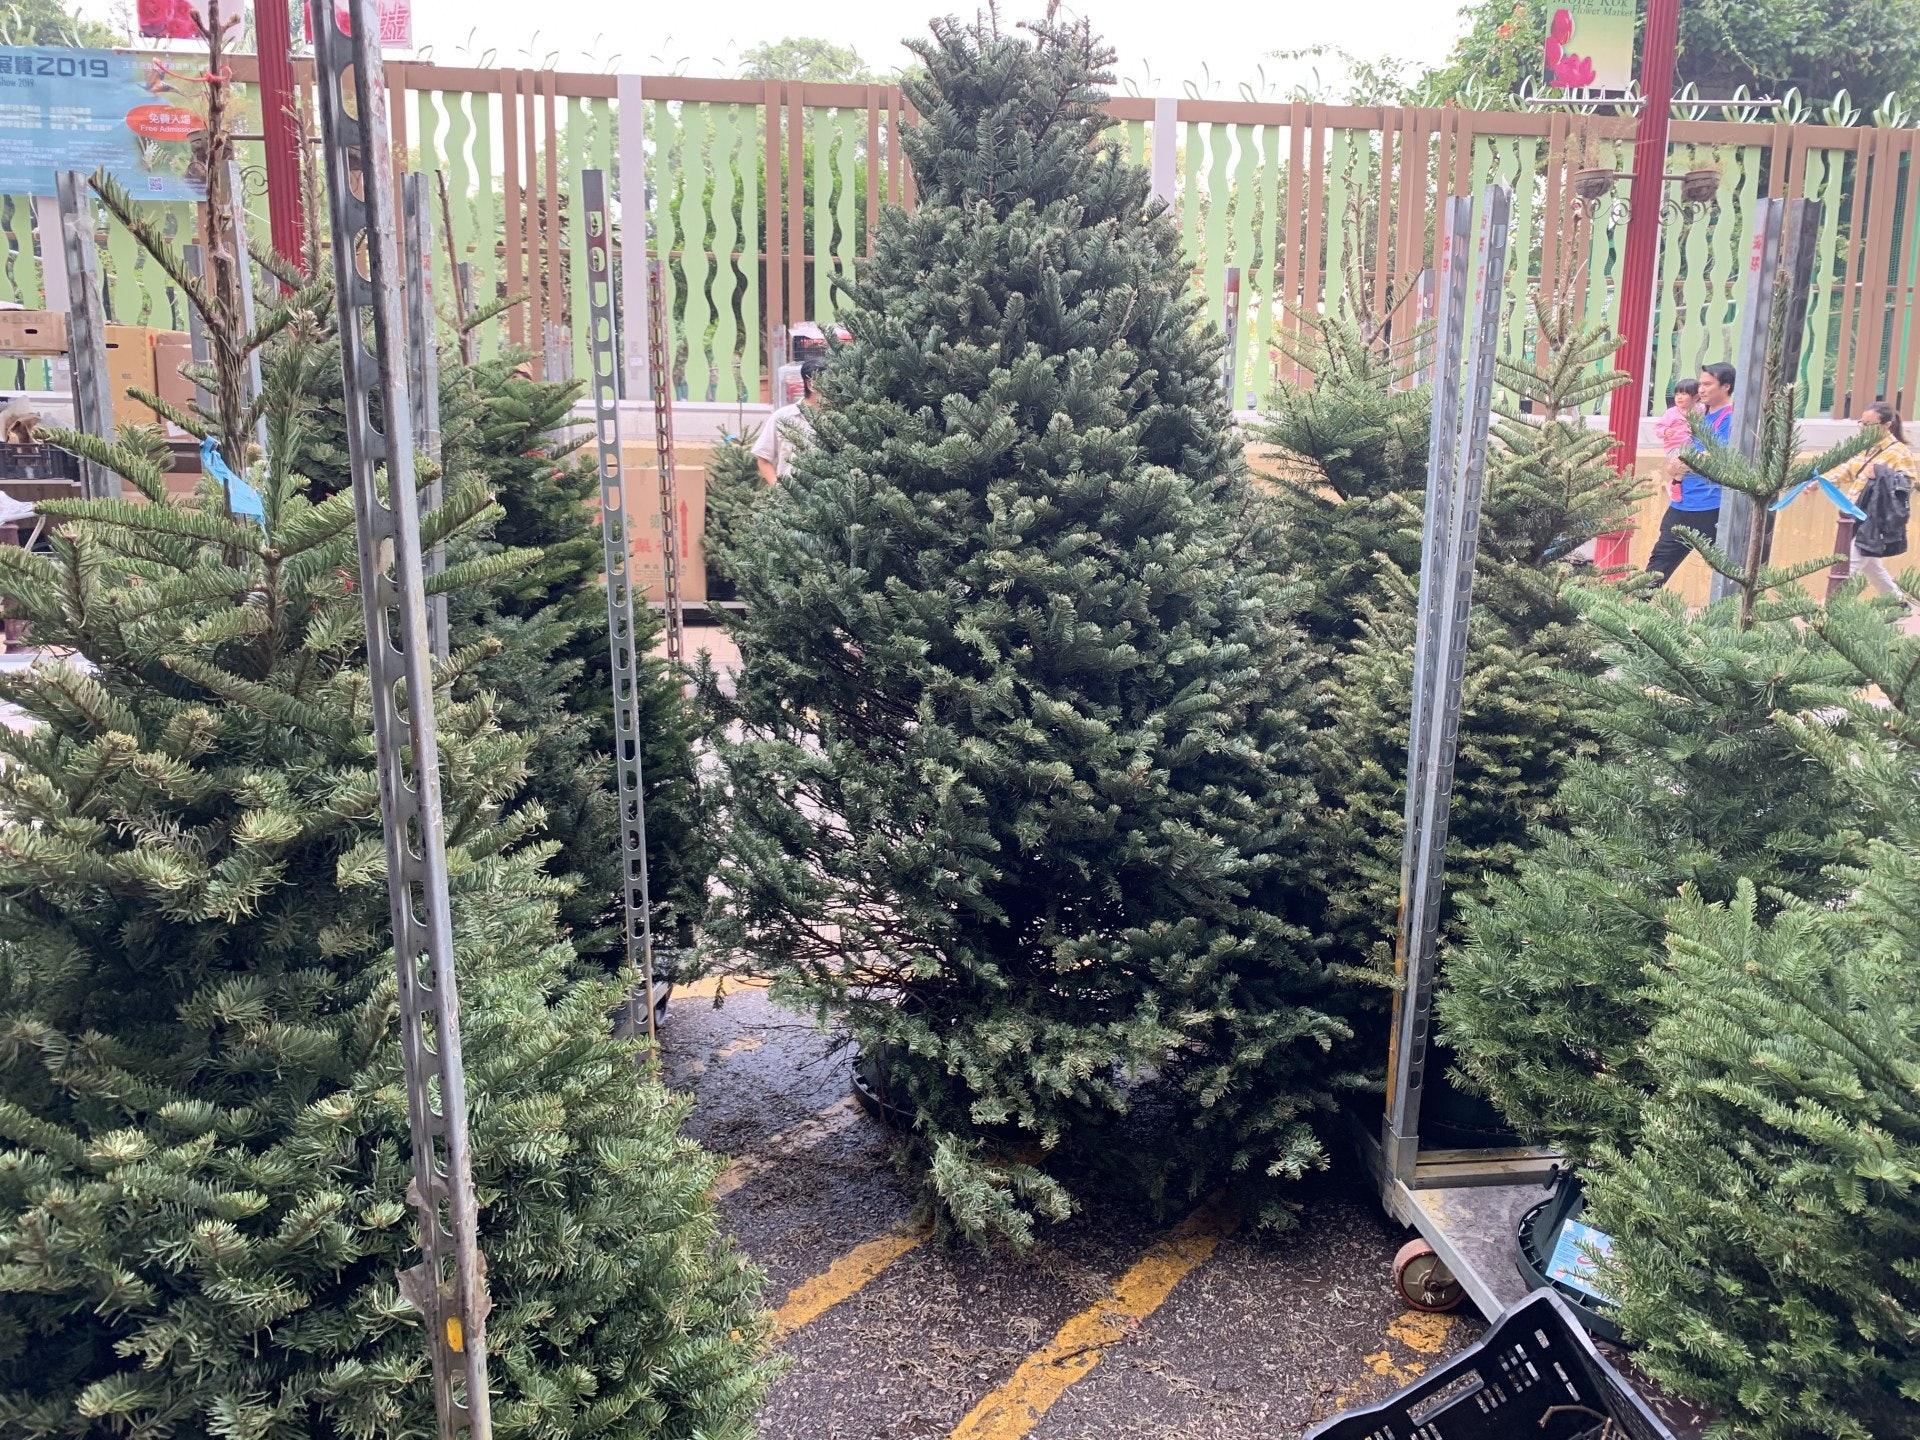 有花店更將某些棵十呎高、能售六至七千元的巨型聖誕樹從底部鋸短,以矮樹的價錢較低價出售。(曾凱欣攝)